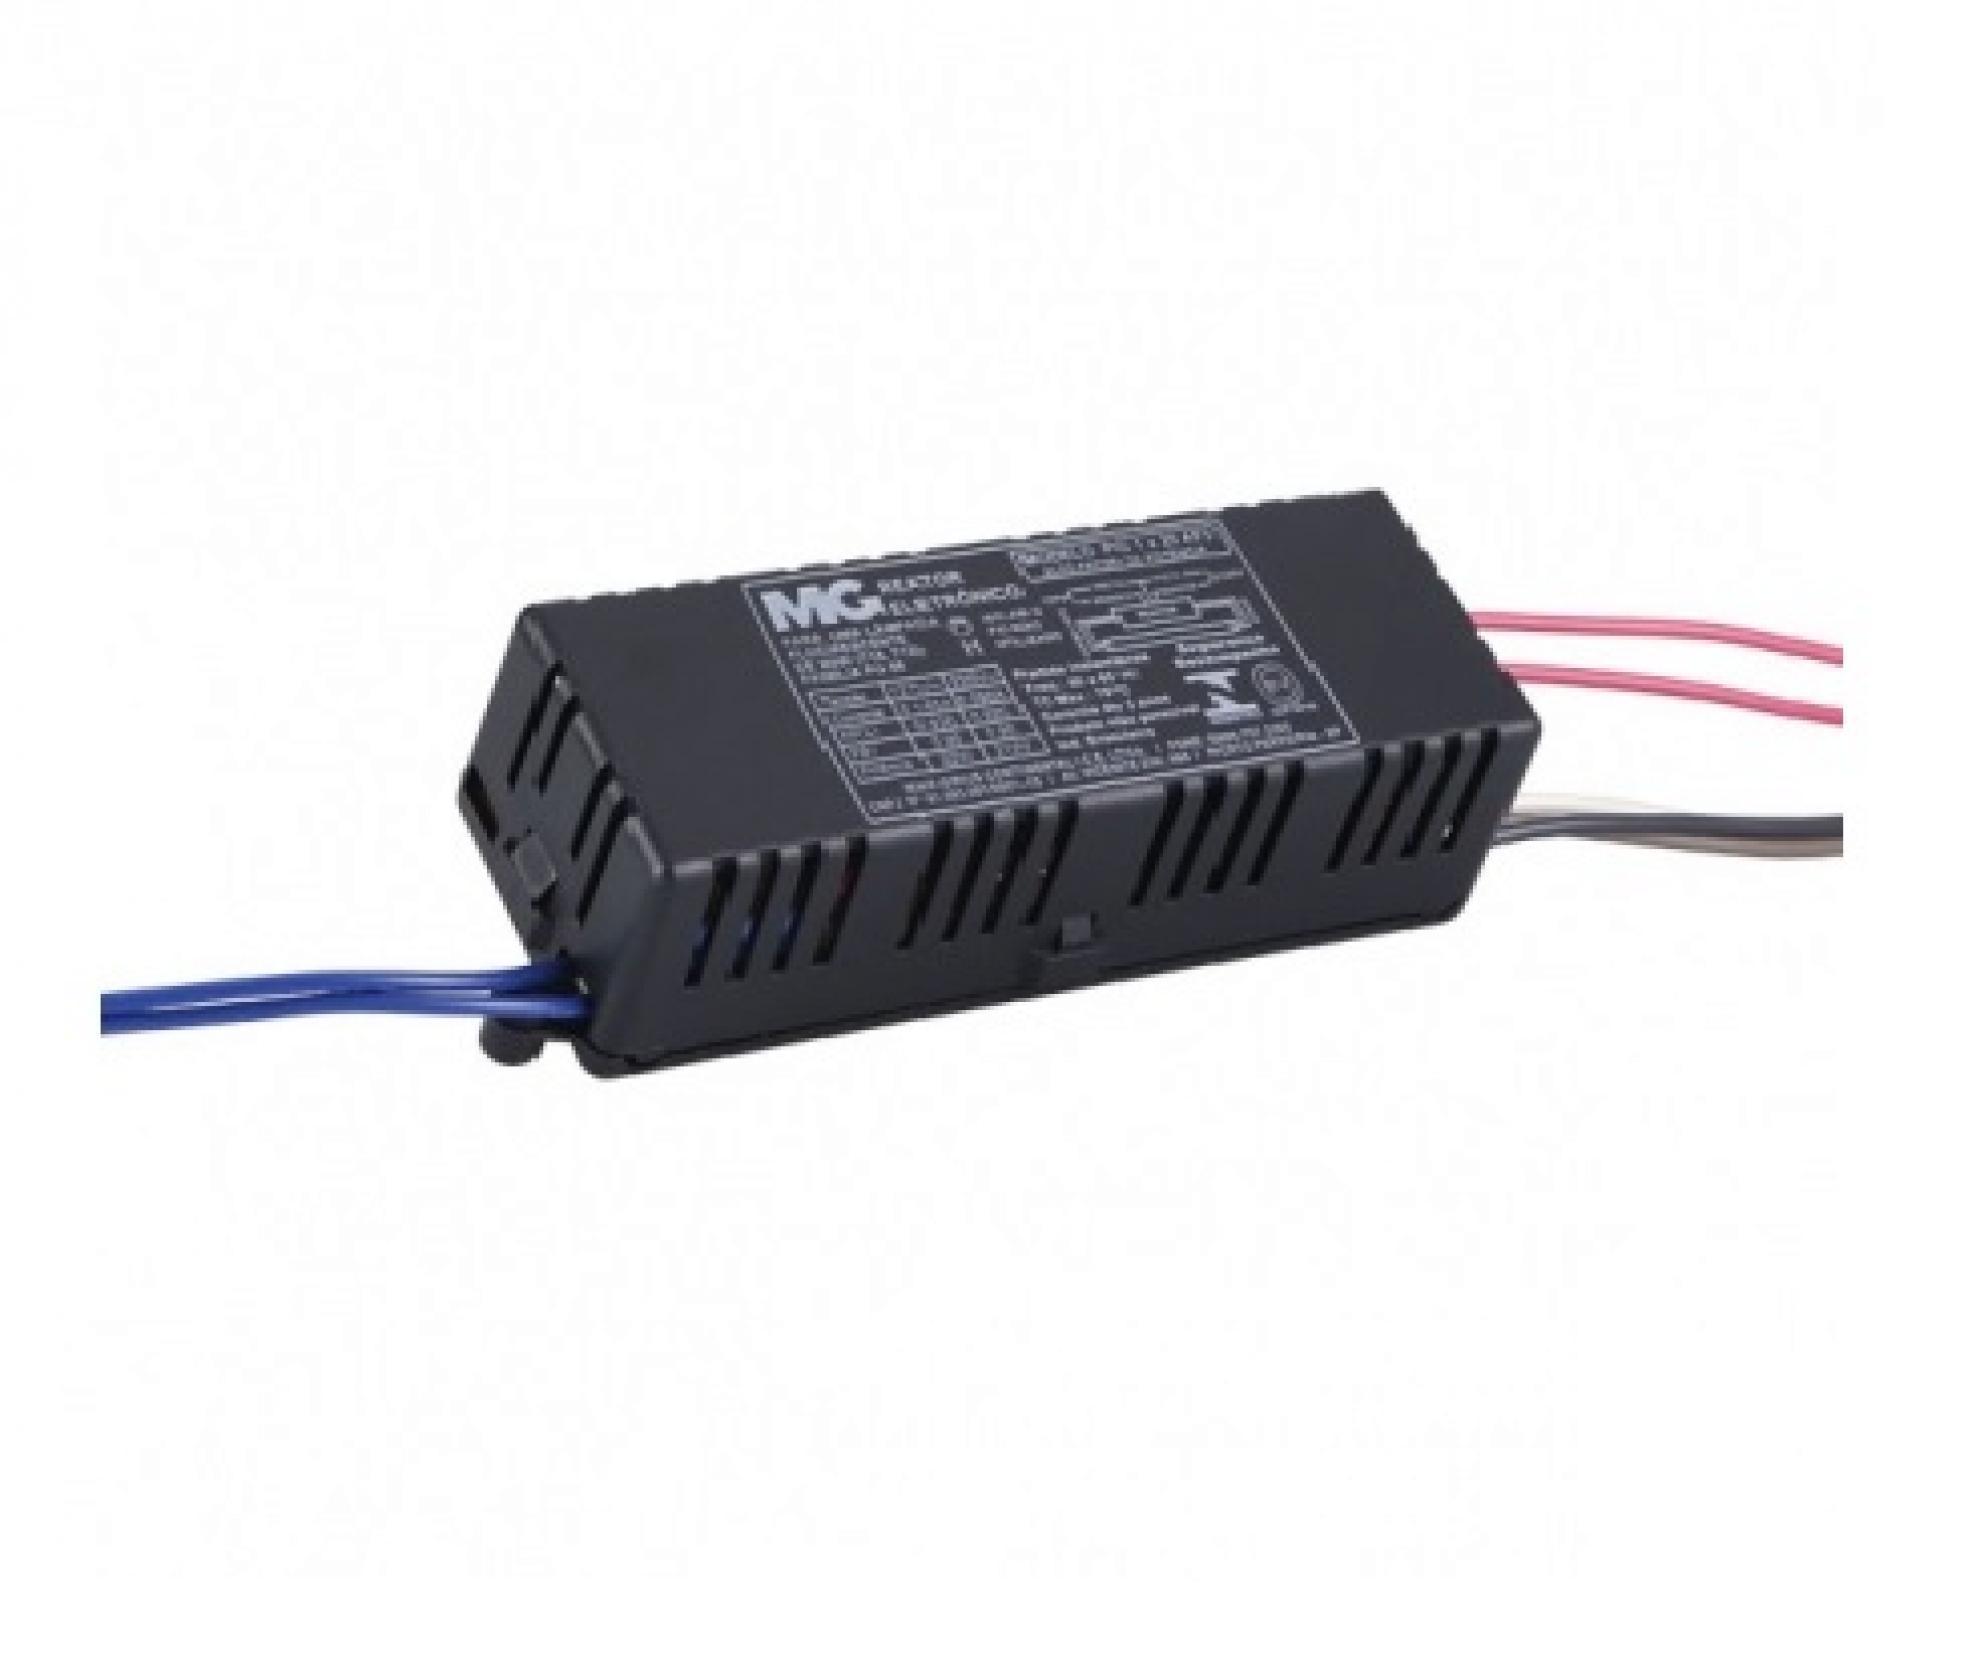 Reator Eletr�nico para 1 L�mpada de 20W bivolt - Alto Fator